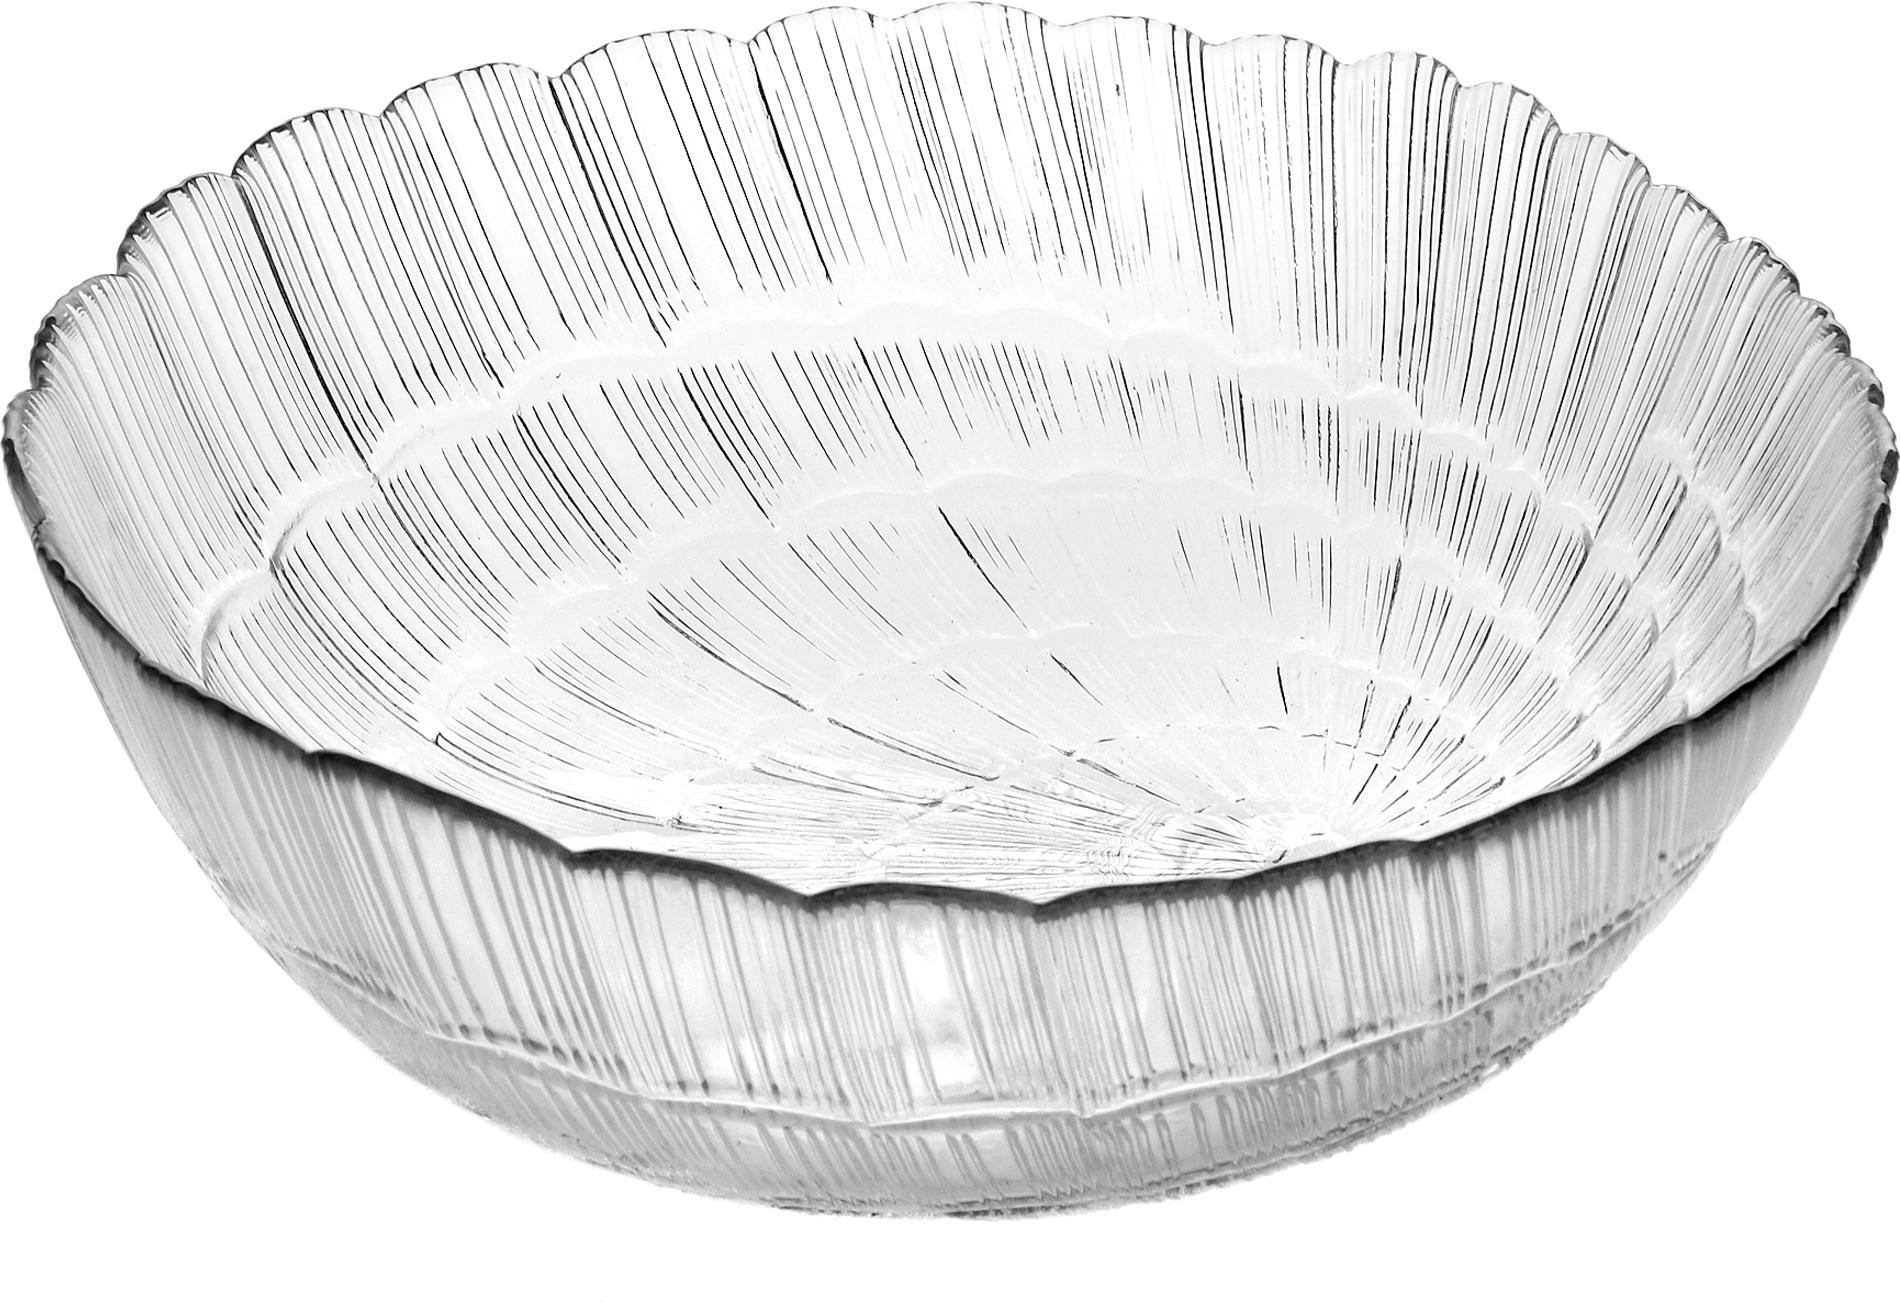 Салатник Pasabahce Атлантис, цвет: прозрачный, диаметр 15,6 см10250SLBСалатник Pasabahce Атлантис изготовлен из прочного закаленного силикатного стекла. Стенки украшены изящным рельефом. Салатник прекрасно подходит для подачи салатов, закусок и других блюд, например, мяса.Салатник красиво оформит праздничный стол и удивит вас стильным дизайном.Можно мыть в посудомоечной машине и использовать в микроволновой печи.